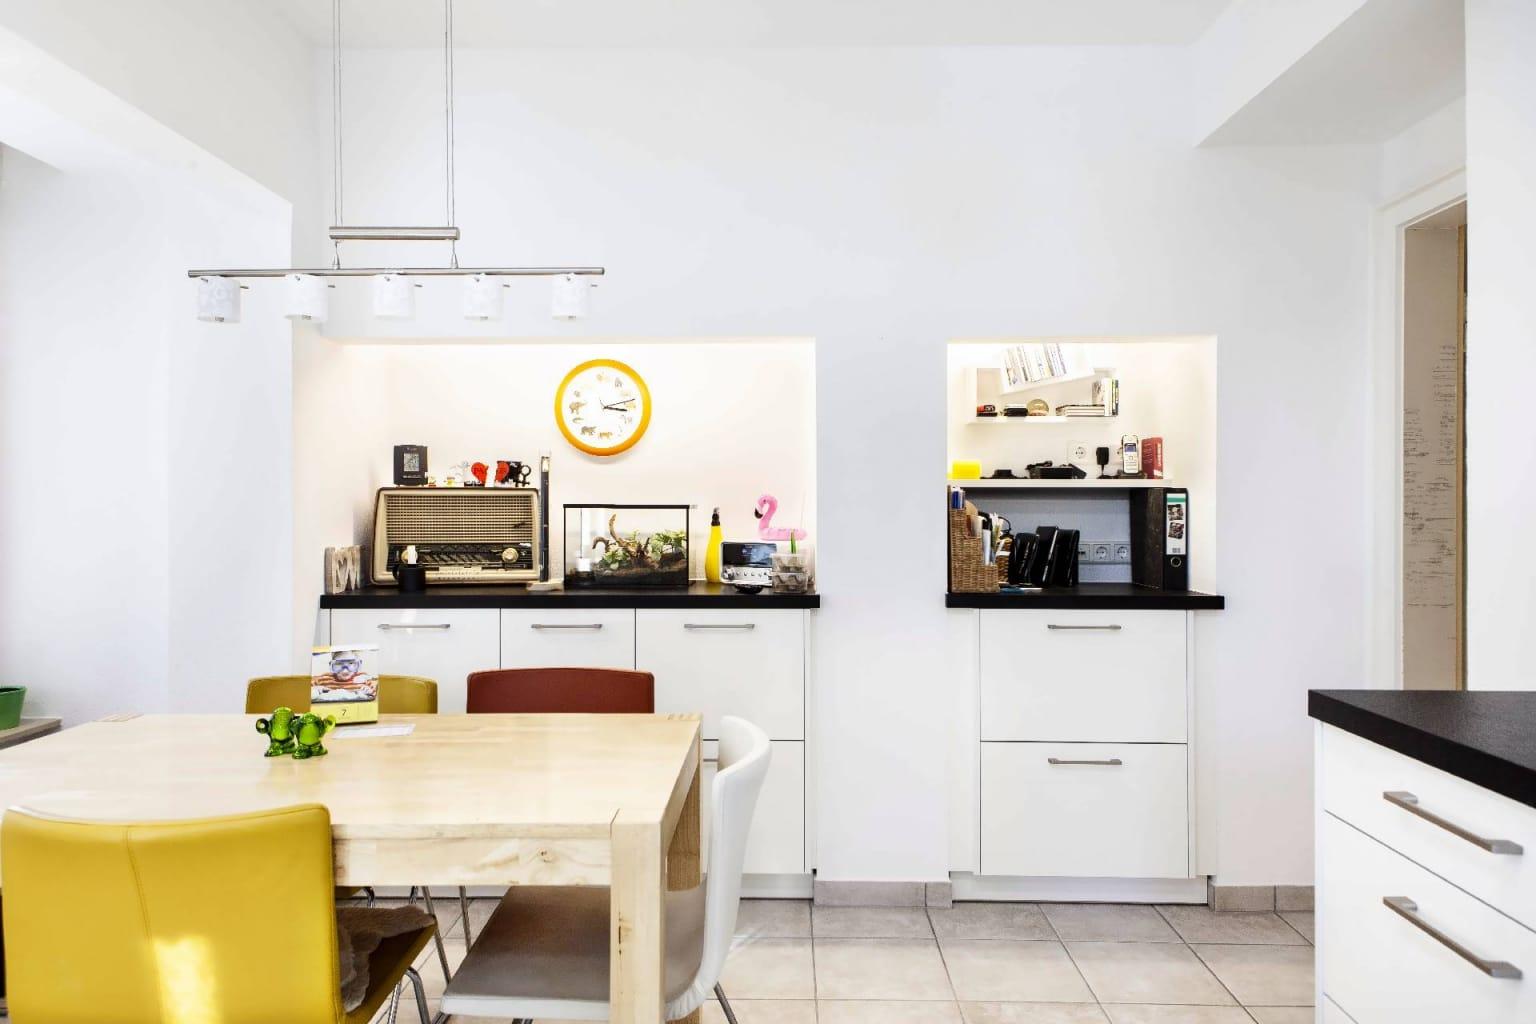 Mehrteilige Wohnküche in Hochglanz (2)